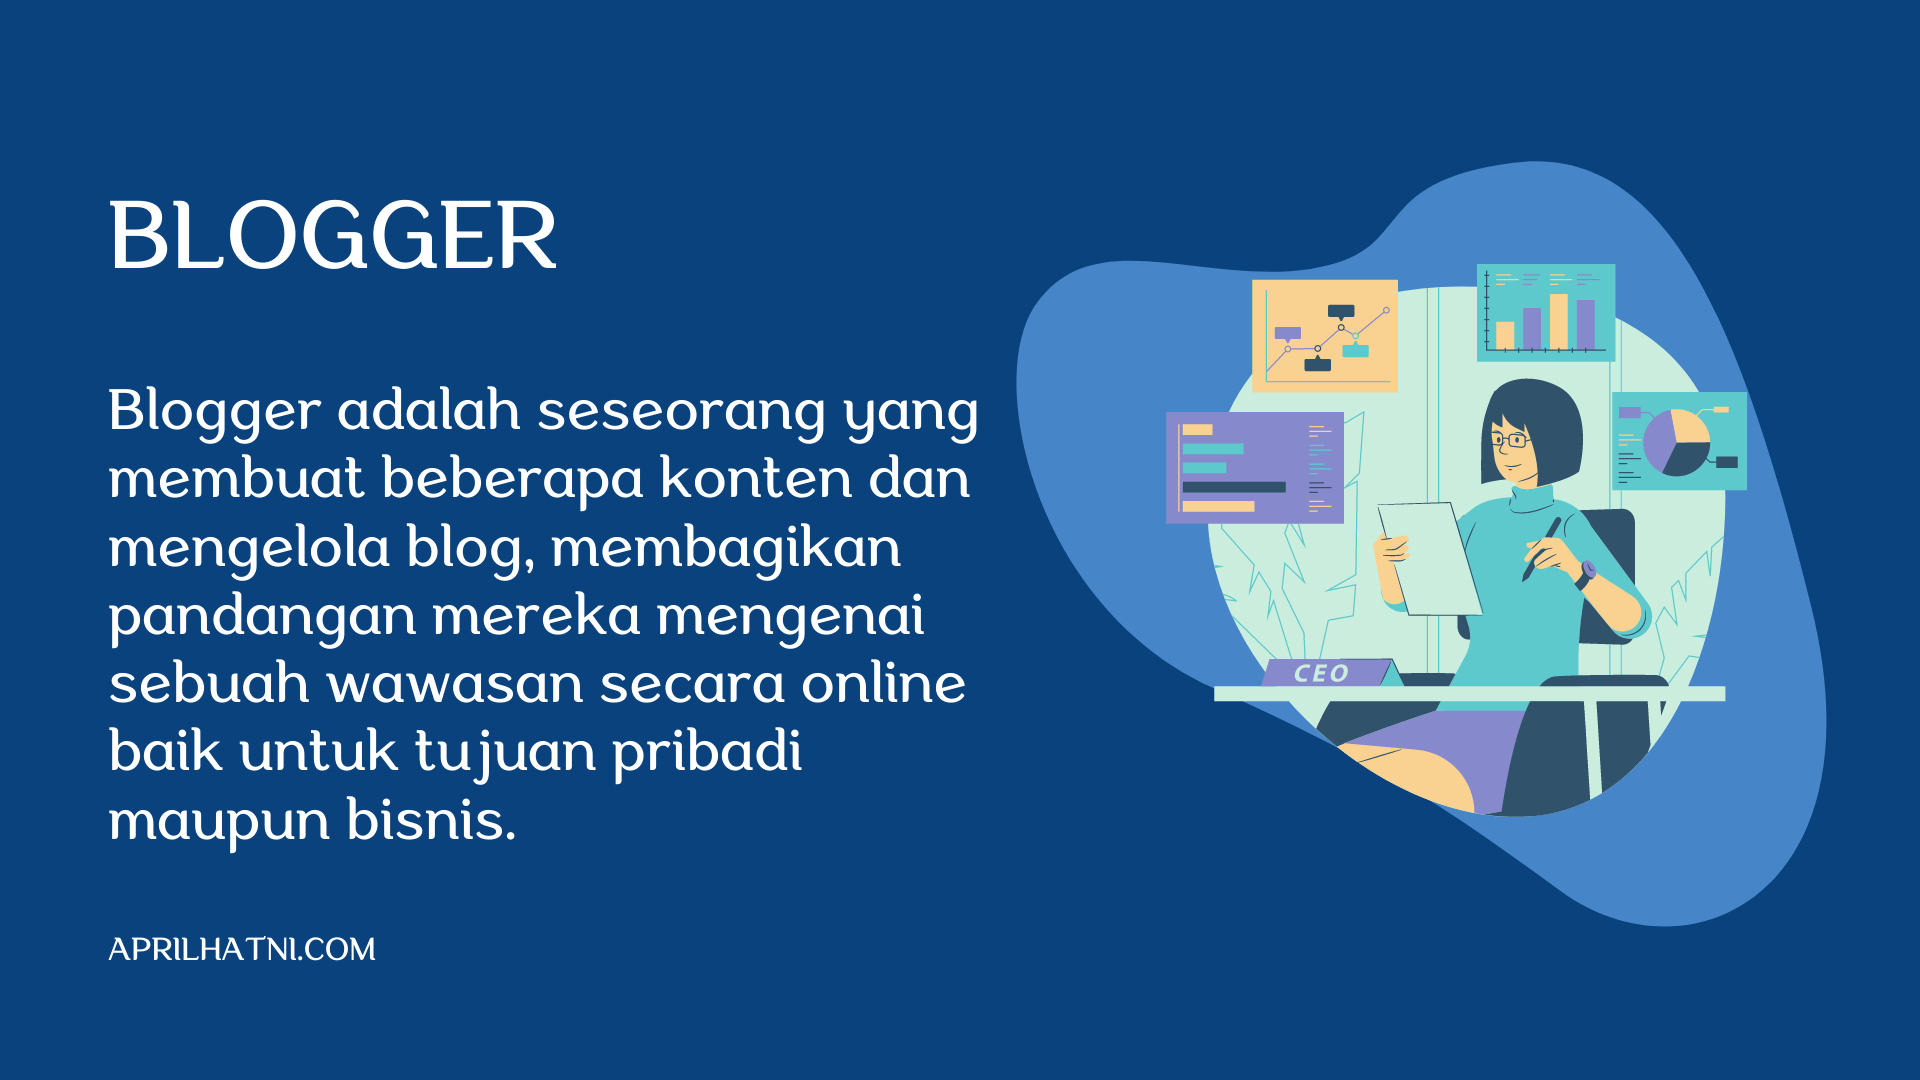 pengertian blogger